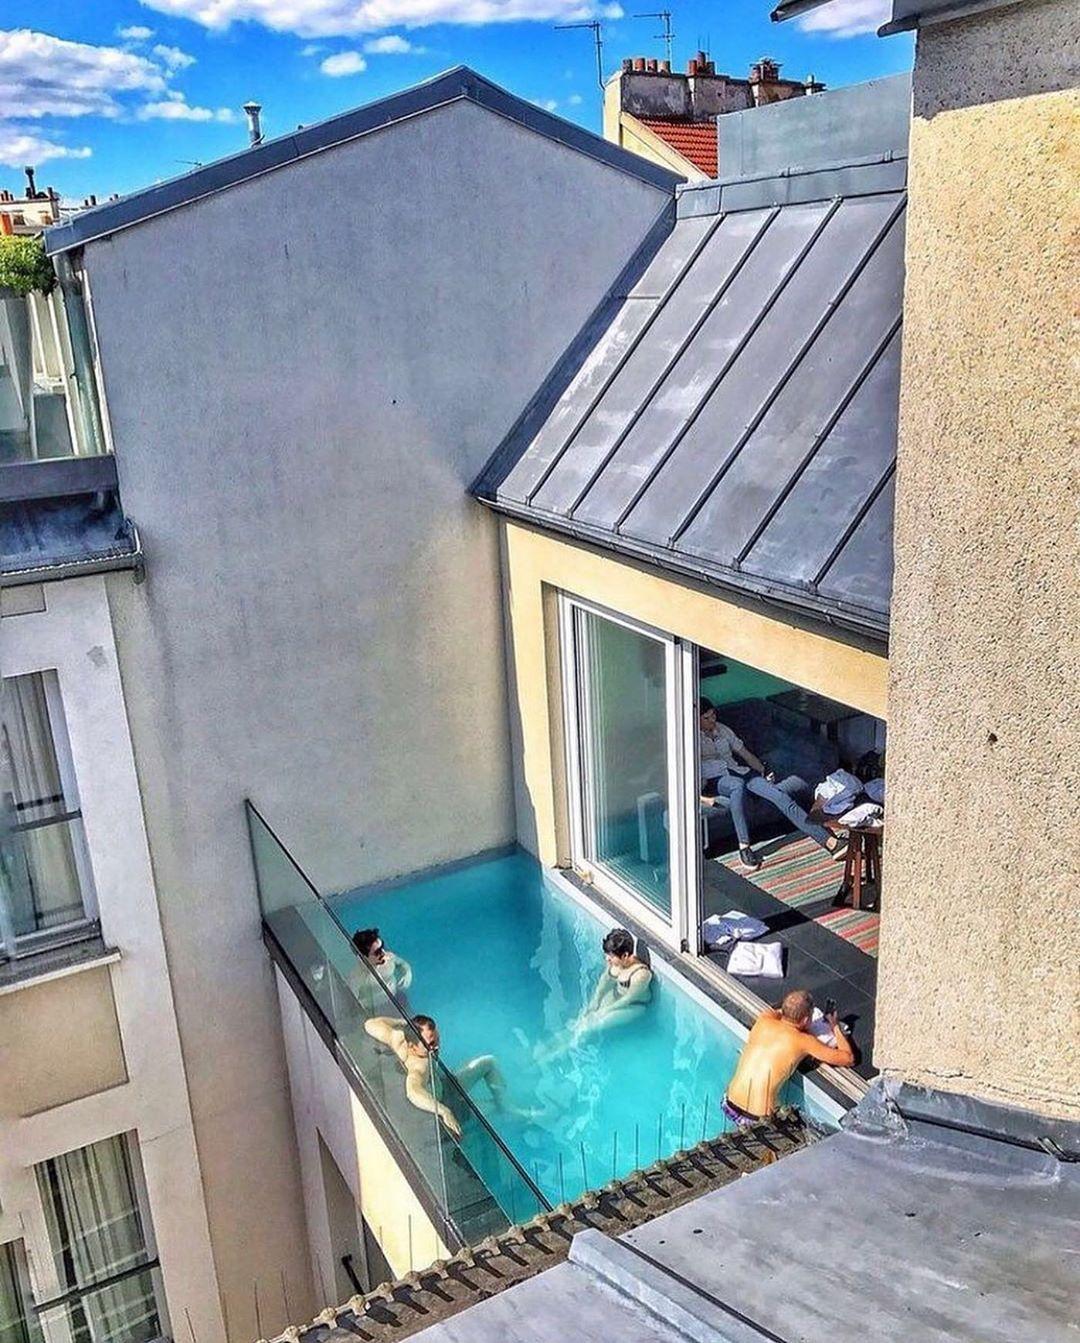 Gossip Room On Instagram Le Balcon Piscine On Adore Et Valide L Idée Pas Vous 1k Paris Paris Pool Houses Luxury Swimming Pools Backyard Pool